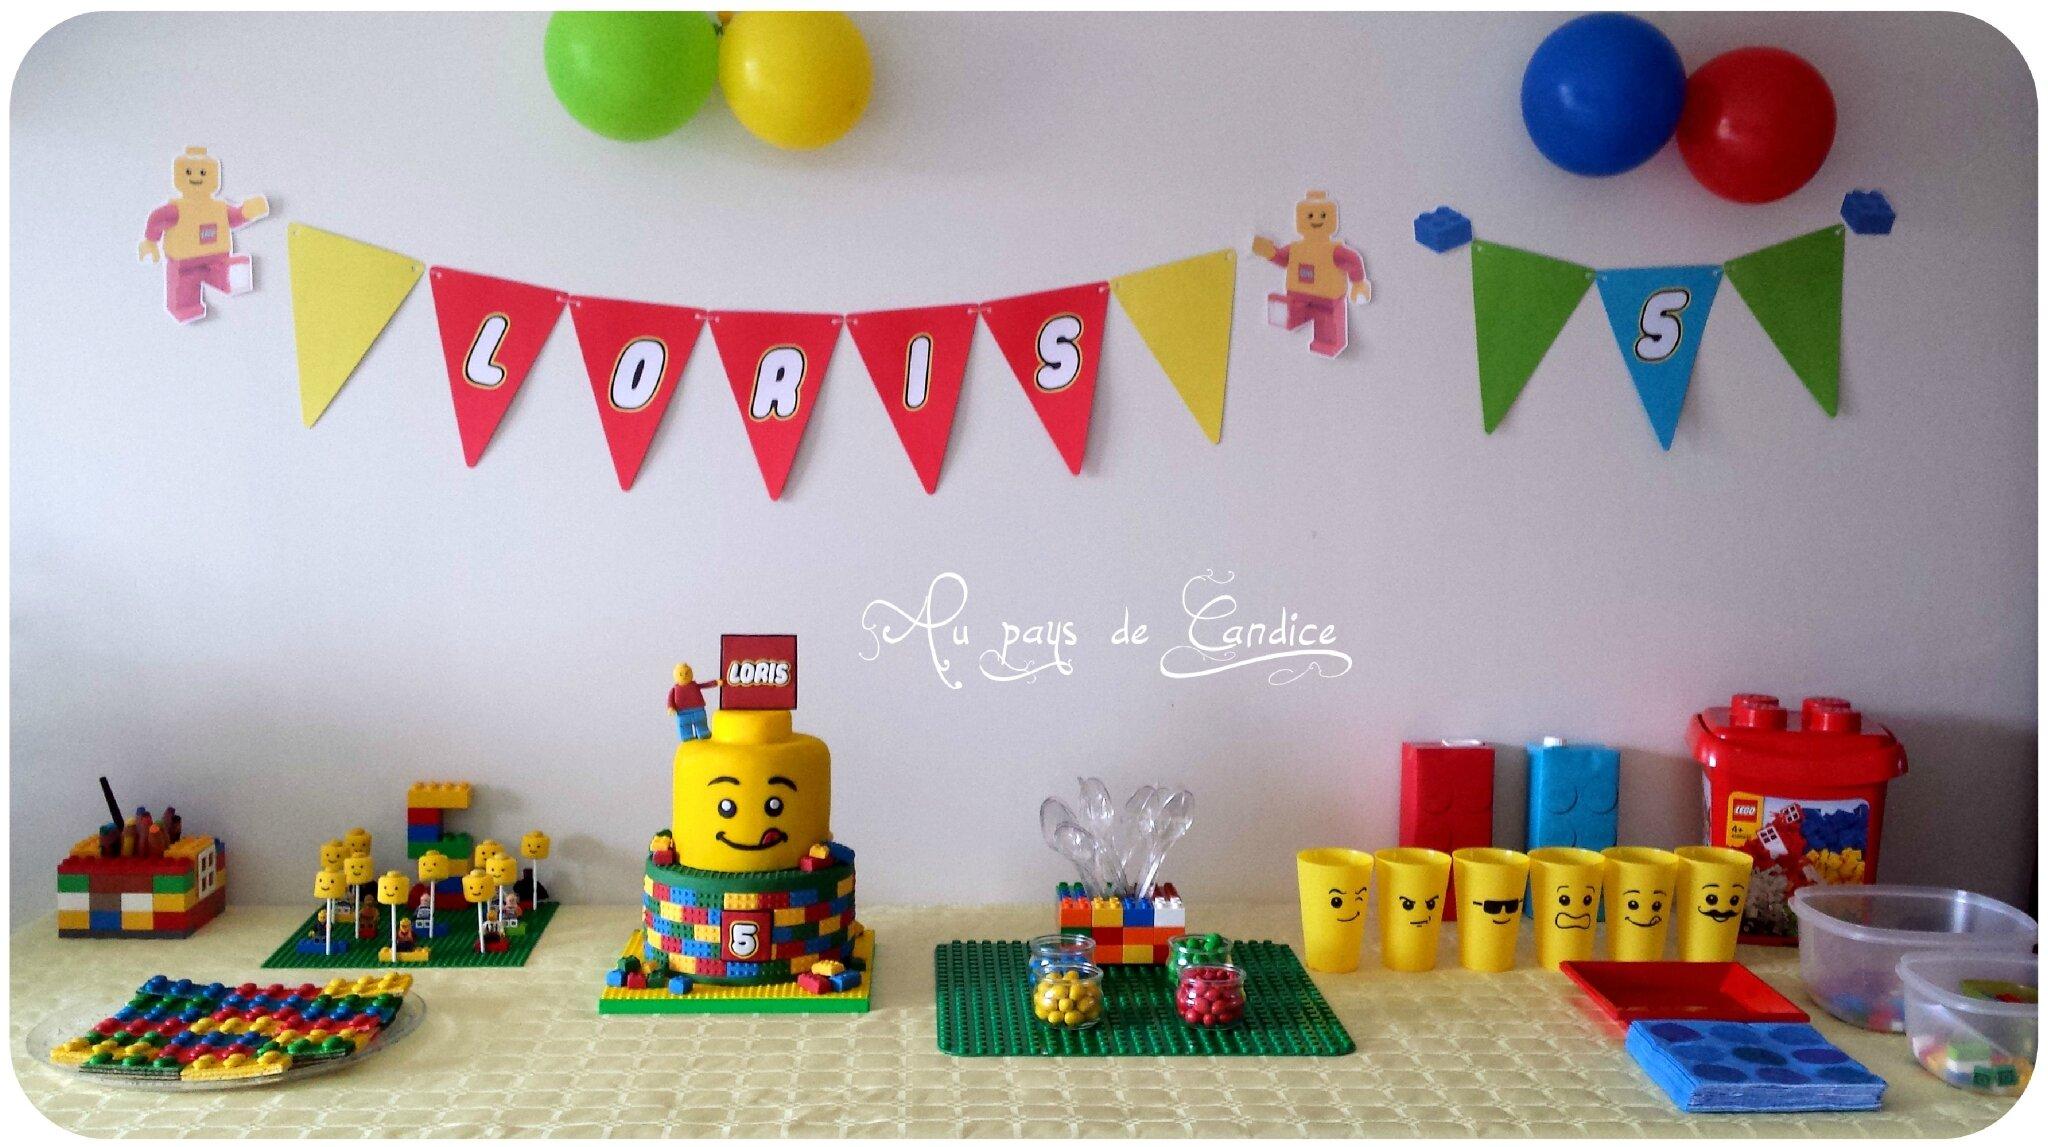 Jeux, goûter et invitation pour un anniversaire Lego - Au pays de Candice